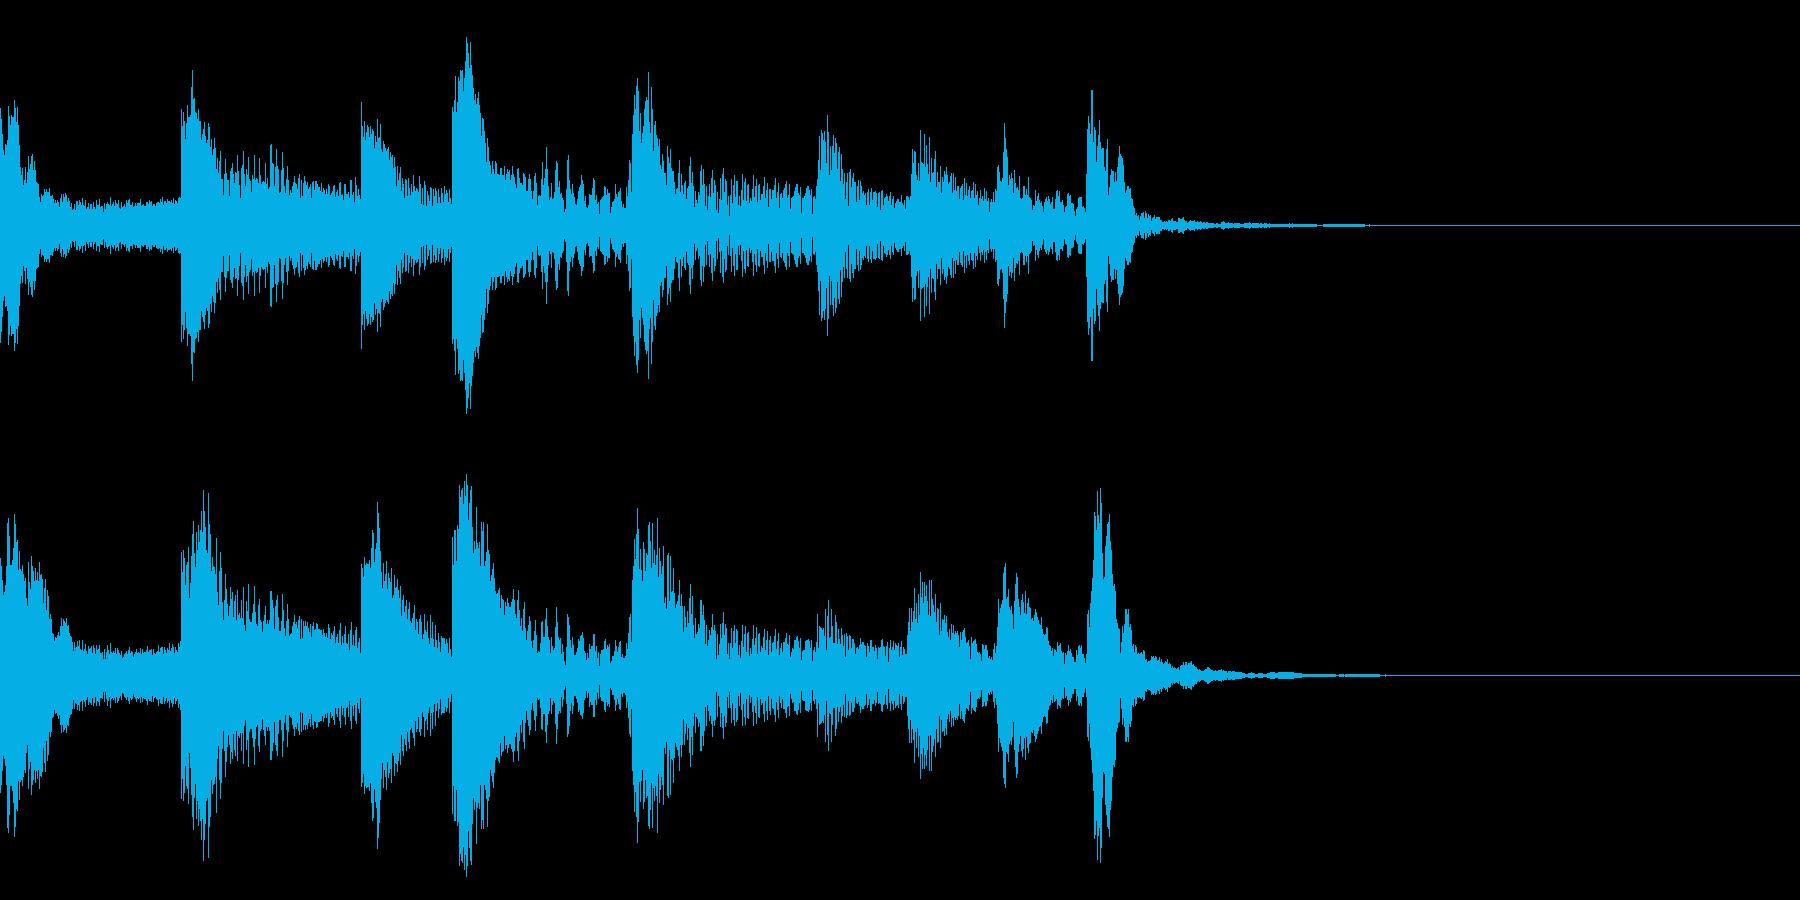 マリンバとピチカートの爽やかなジングルの再生済みの波形